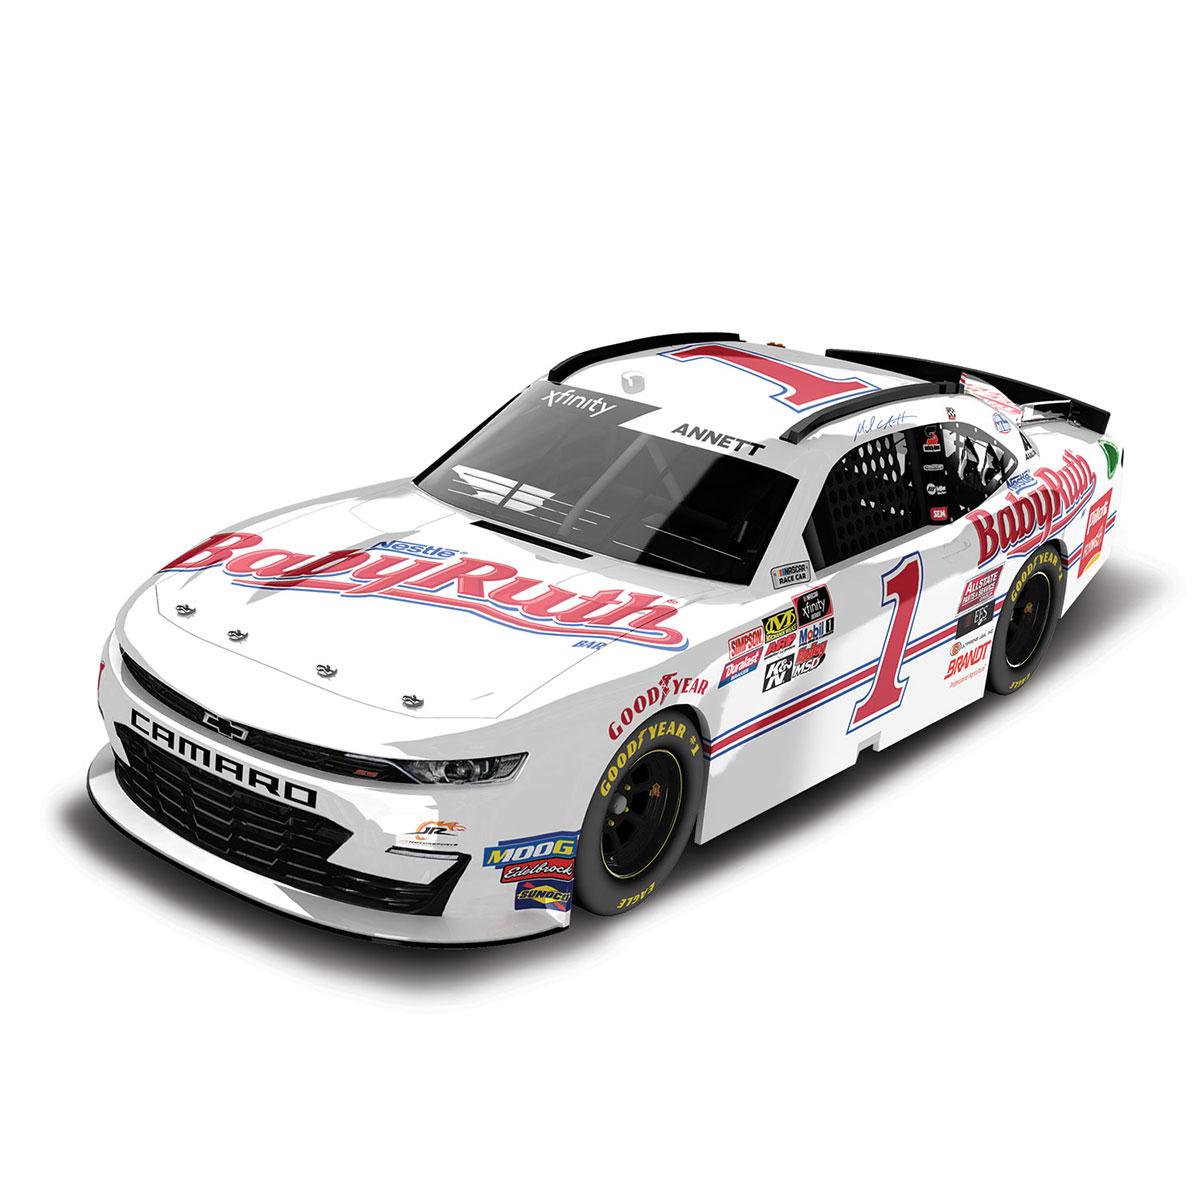 Michael Annett #1 NASCAR 2019 Baby Ruth 1:64 Die Cast